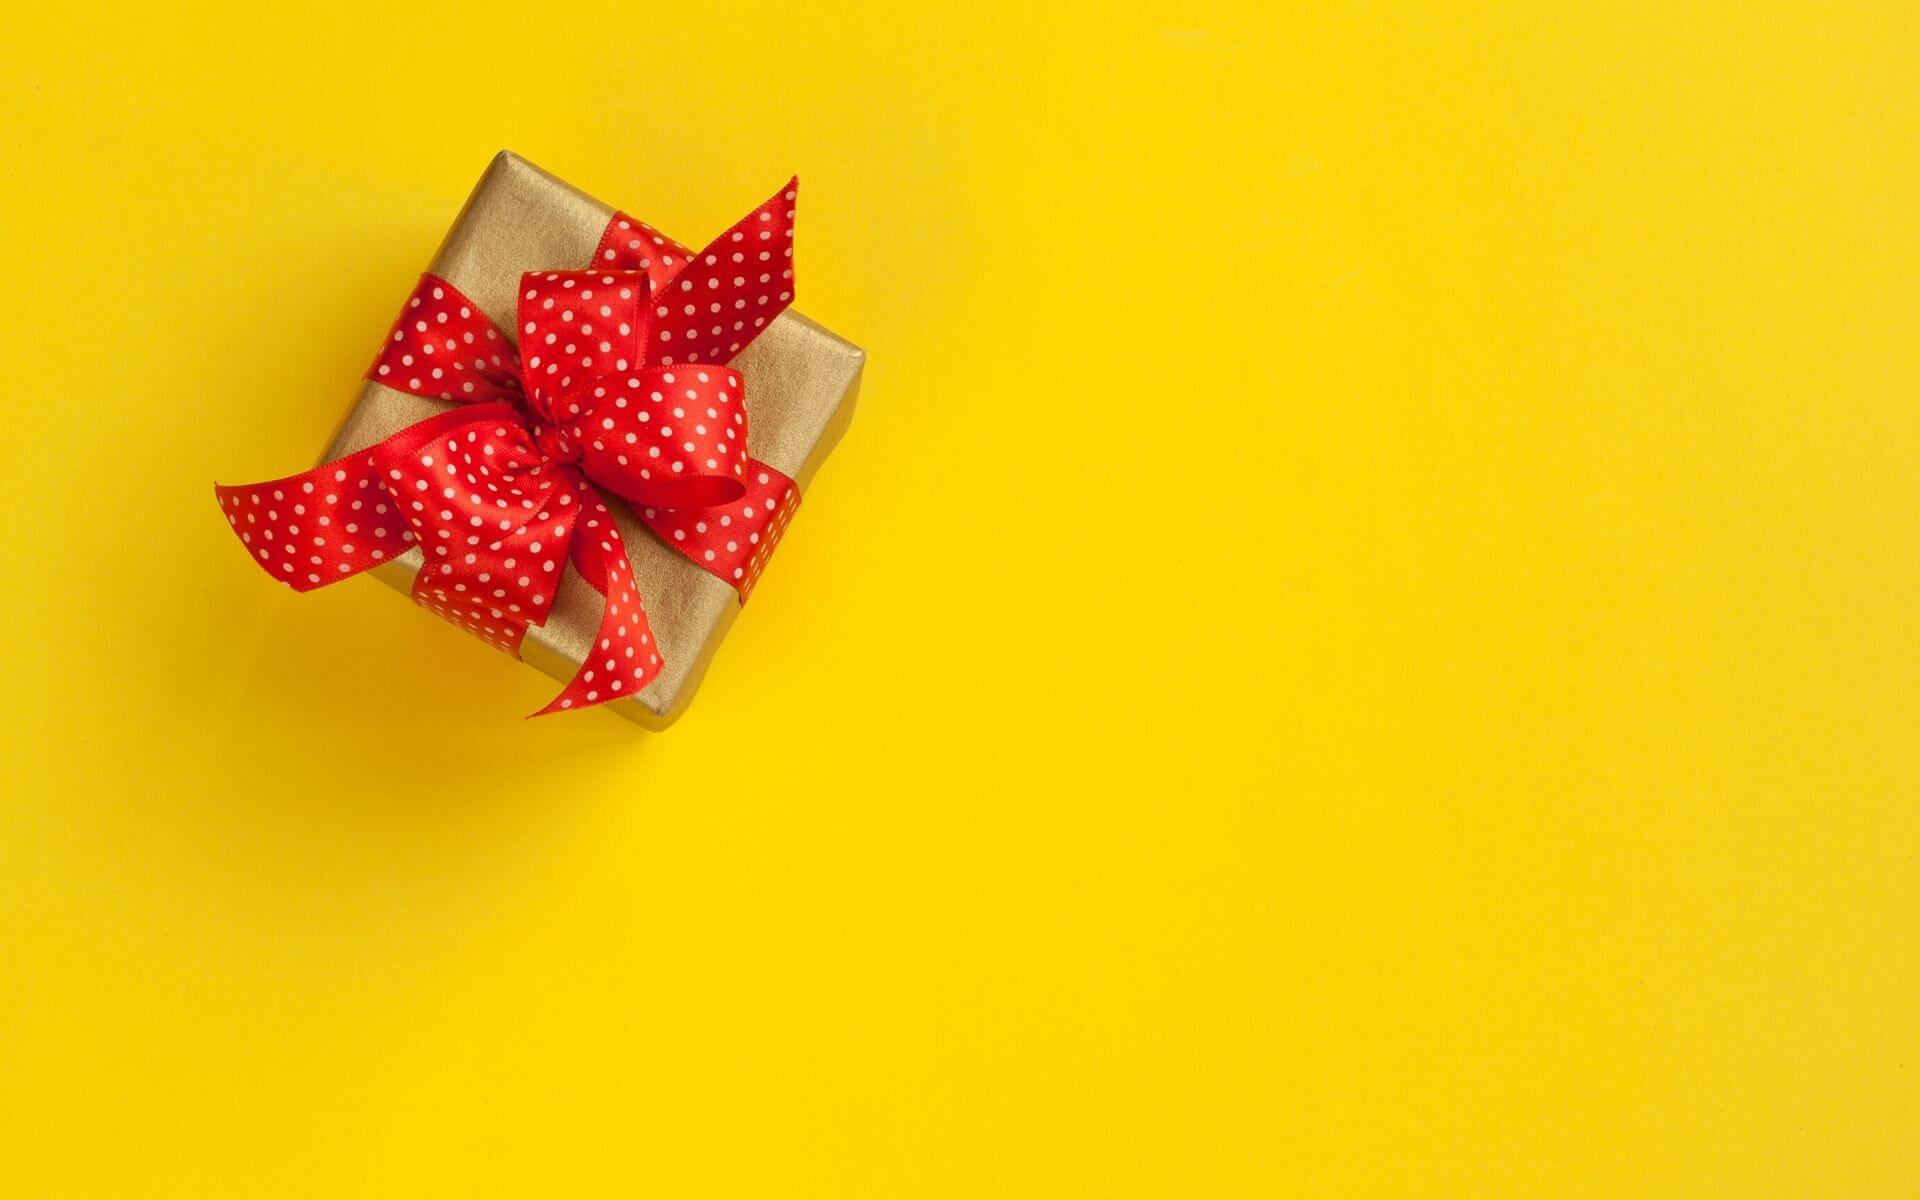 Die besten Geschenke für Schwestern zu jedem Anlass